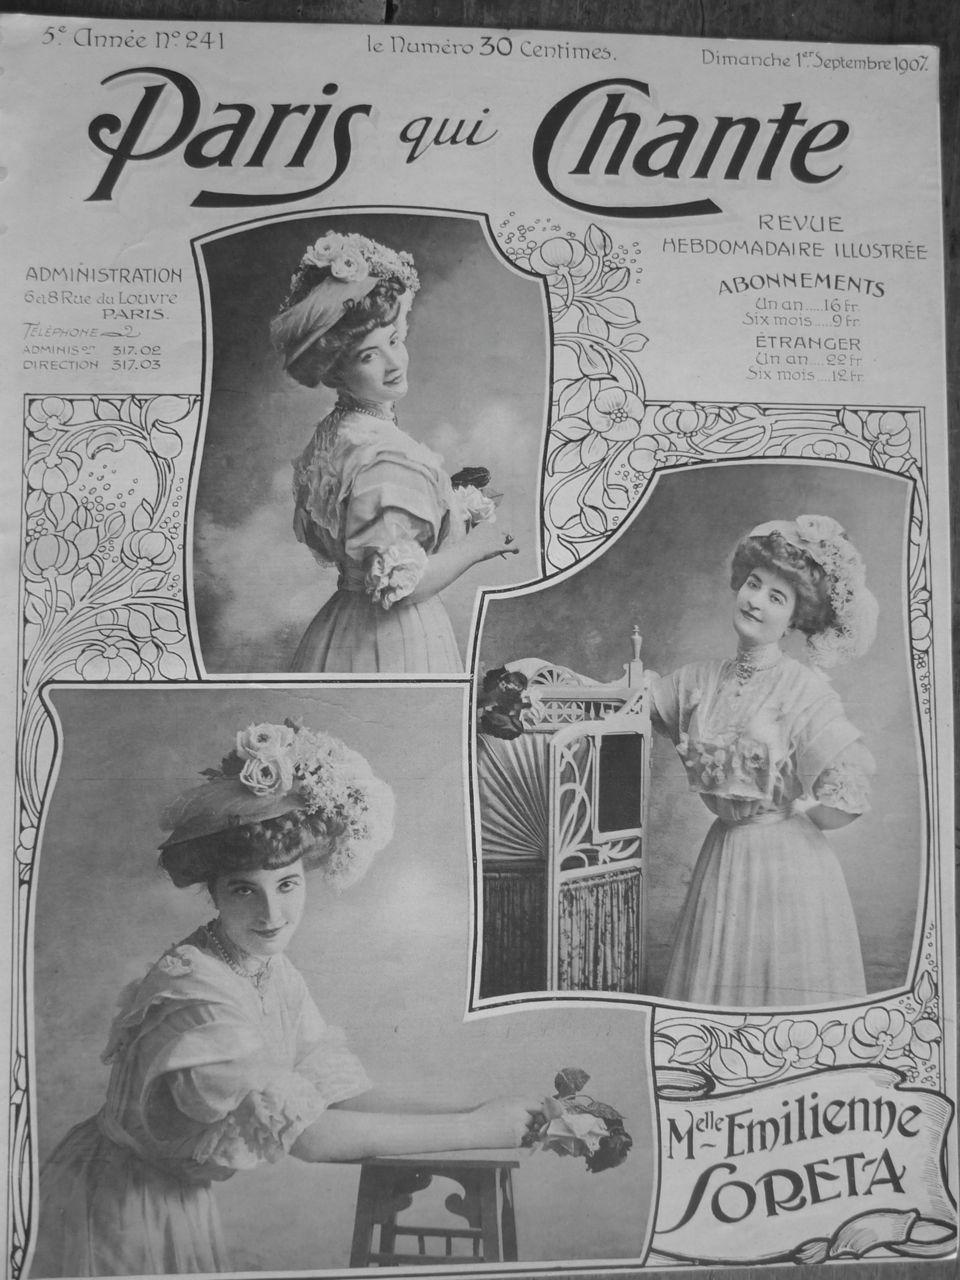 """1900s Fashion Hat. """"Paris qui Chante"""" September 1907  Emilienne Soreta"""